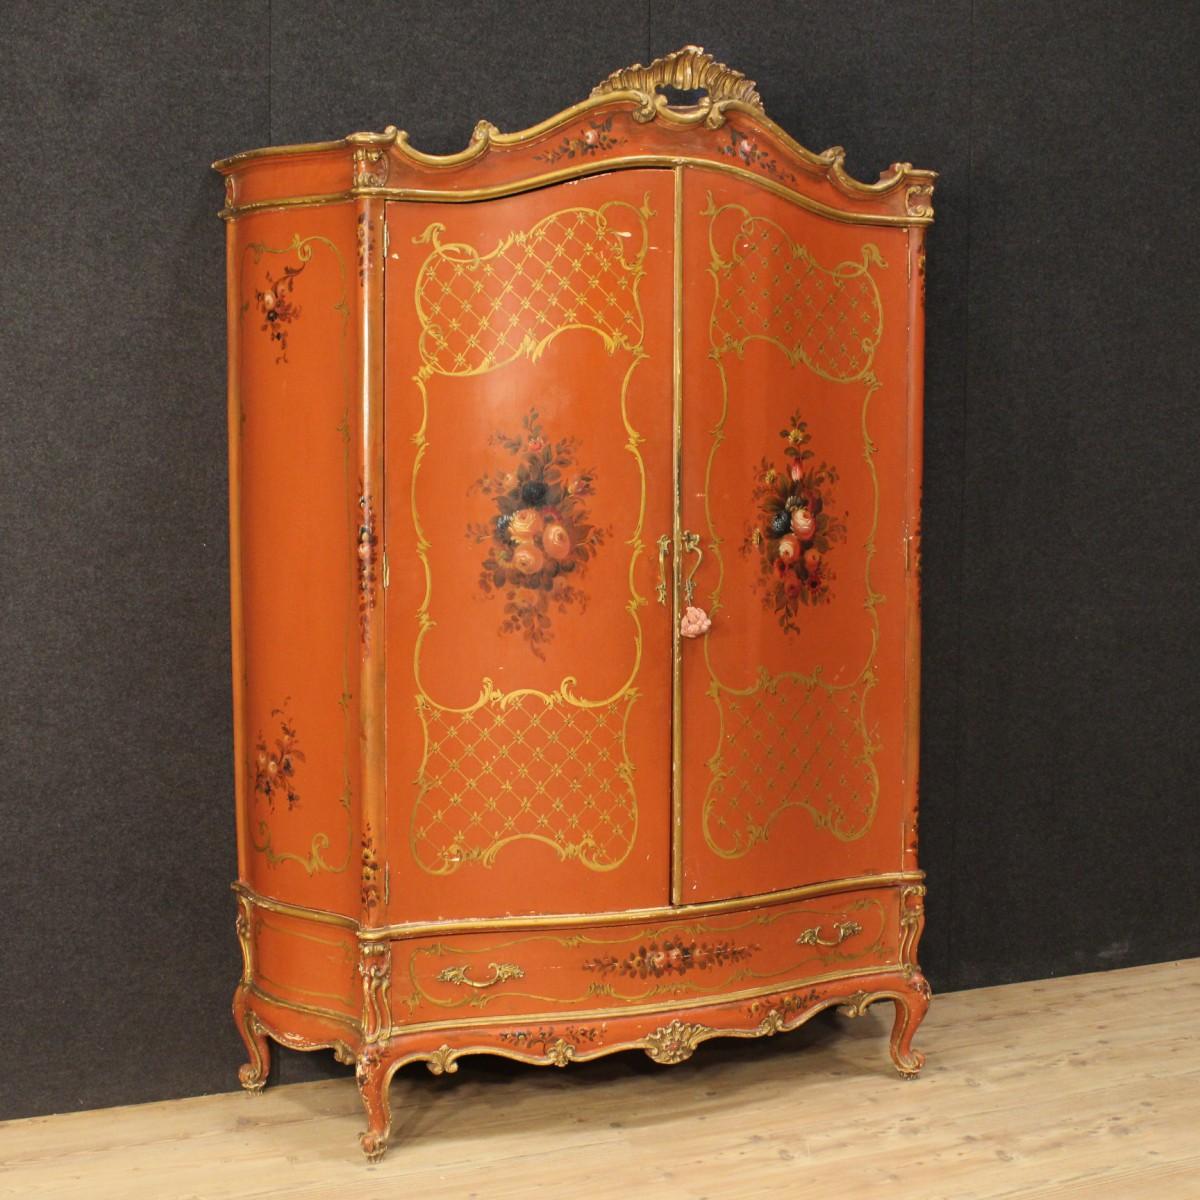 Originalit in casa i mobili antichi laccati - Mobili camera da letto usati ...